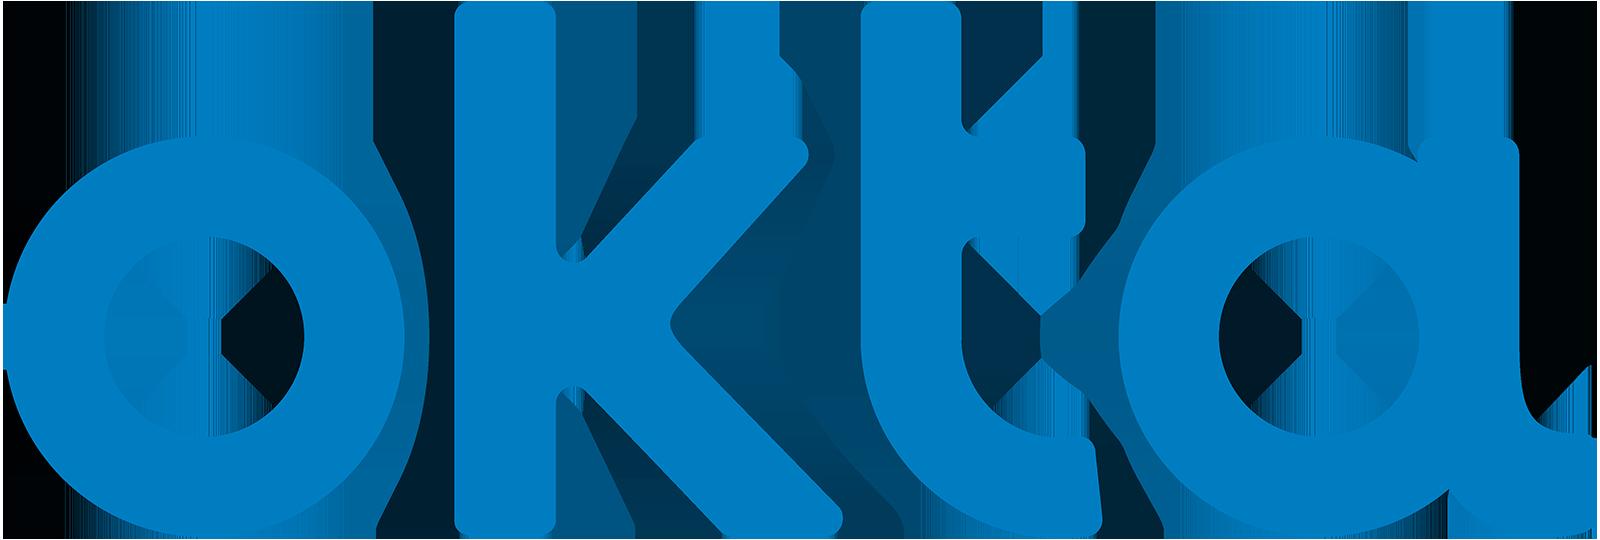 Okta_Logo_BrightBlue_Medium-1